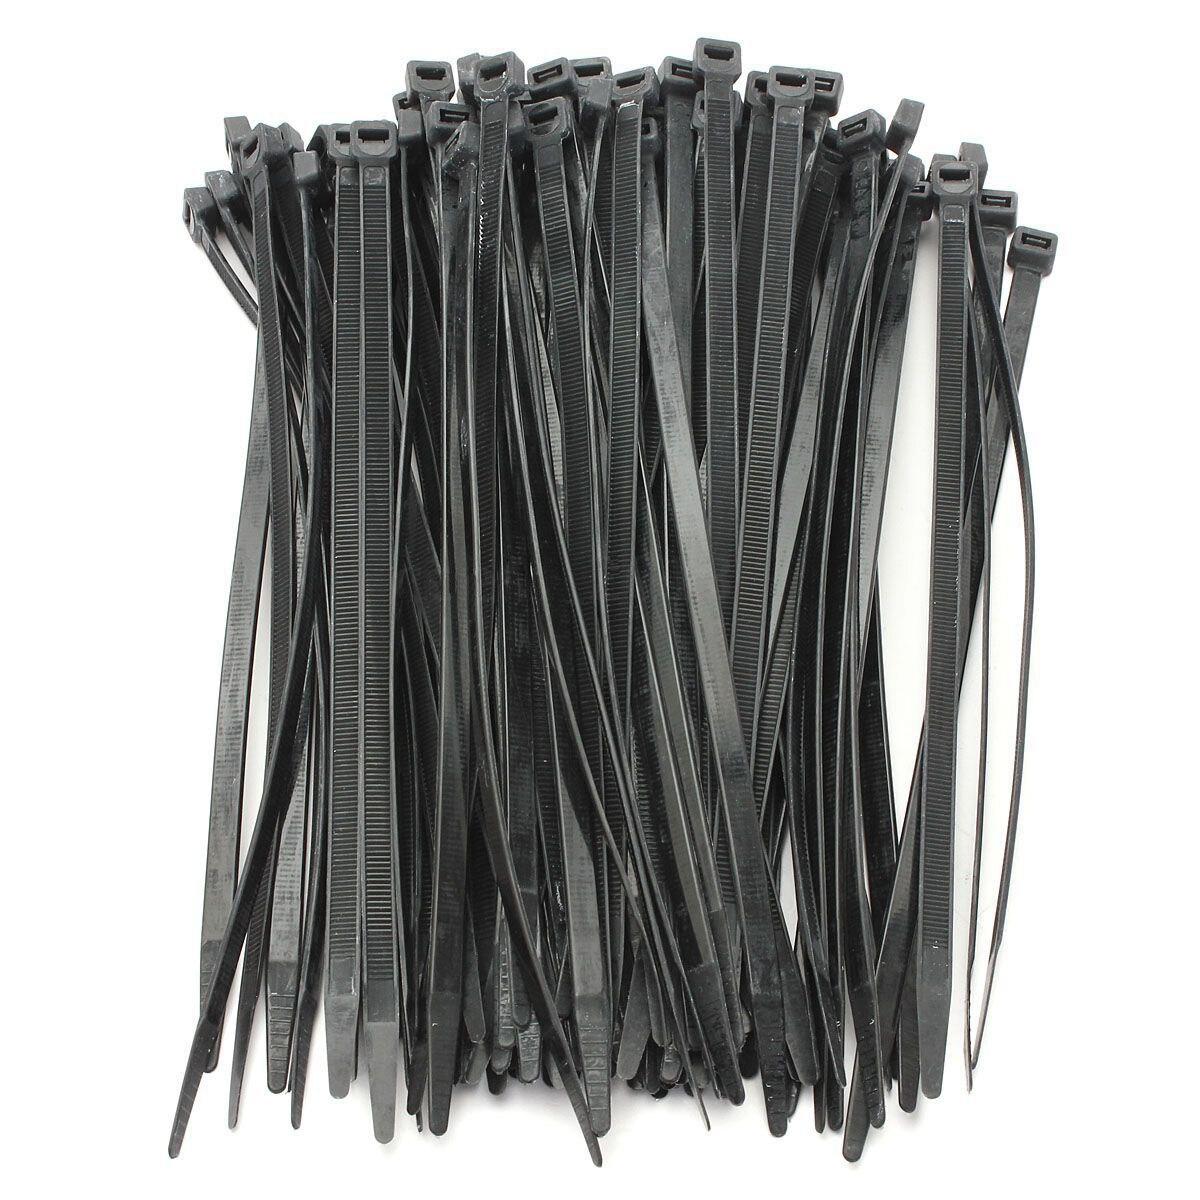 Tie Wraps 100 GREY Cable Ties Zip Ties